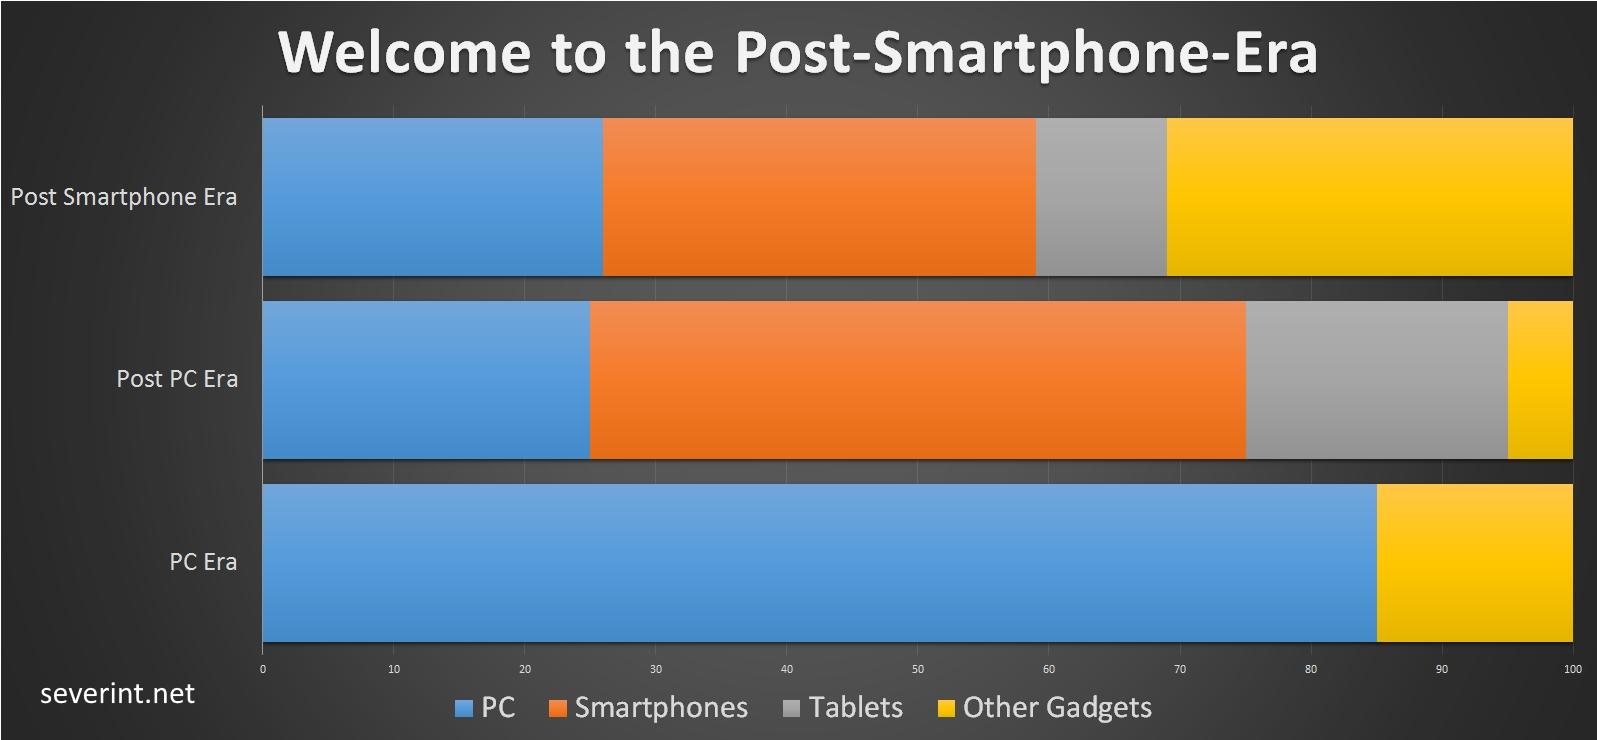 post-smartphone-era